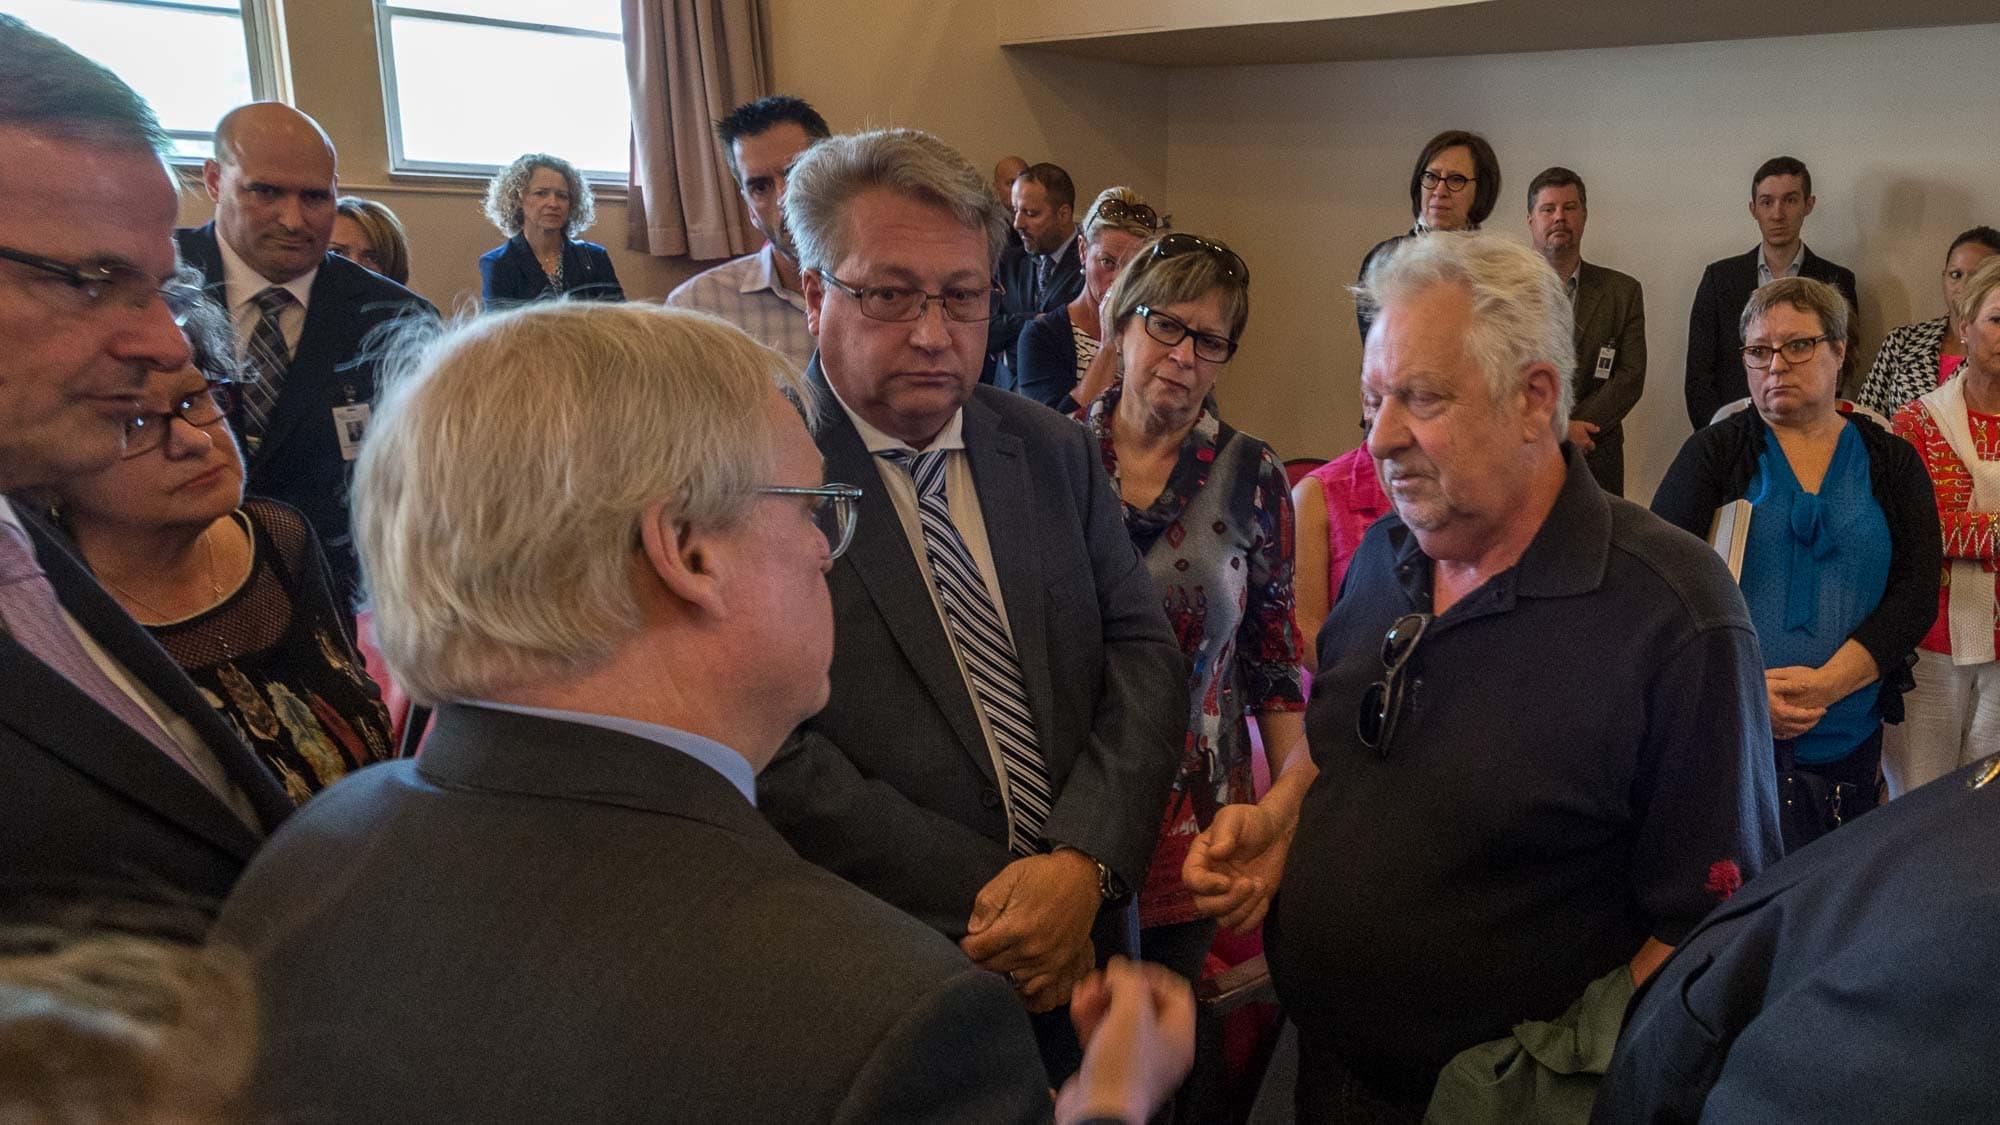 Le ministre de la Santé Gaétan Barrette et le directeur du CISSS Jean-François Foisy ont répondu à des représentants des familles d'anciens résidents du Pavillon Sainte-Marie, le 13 juin 2016.